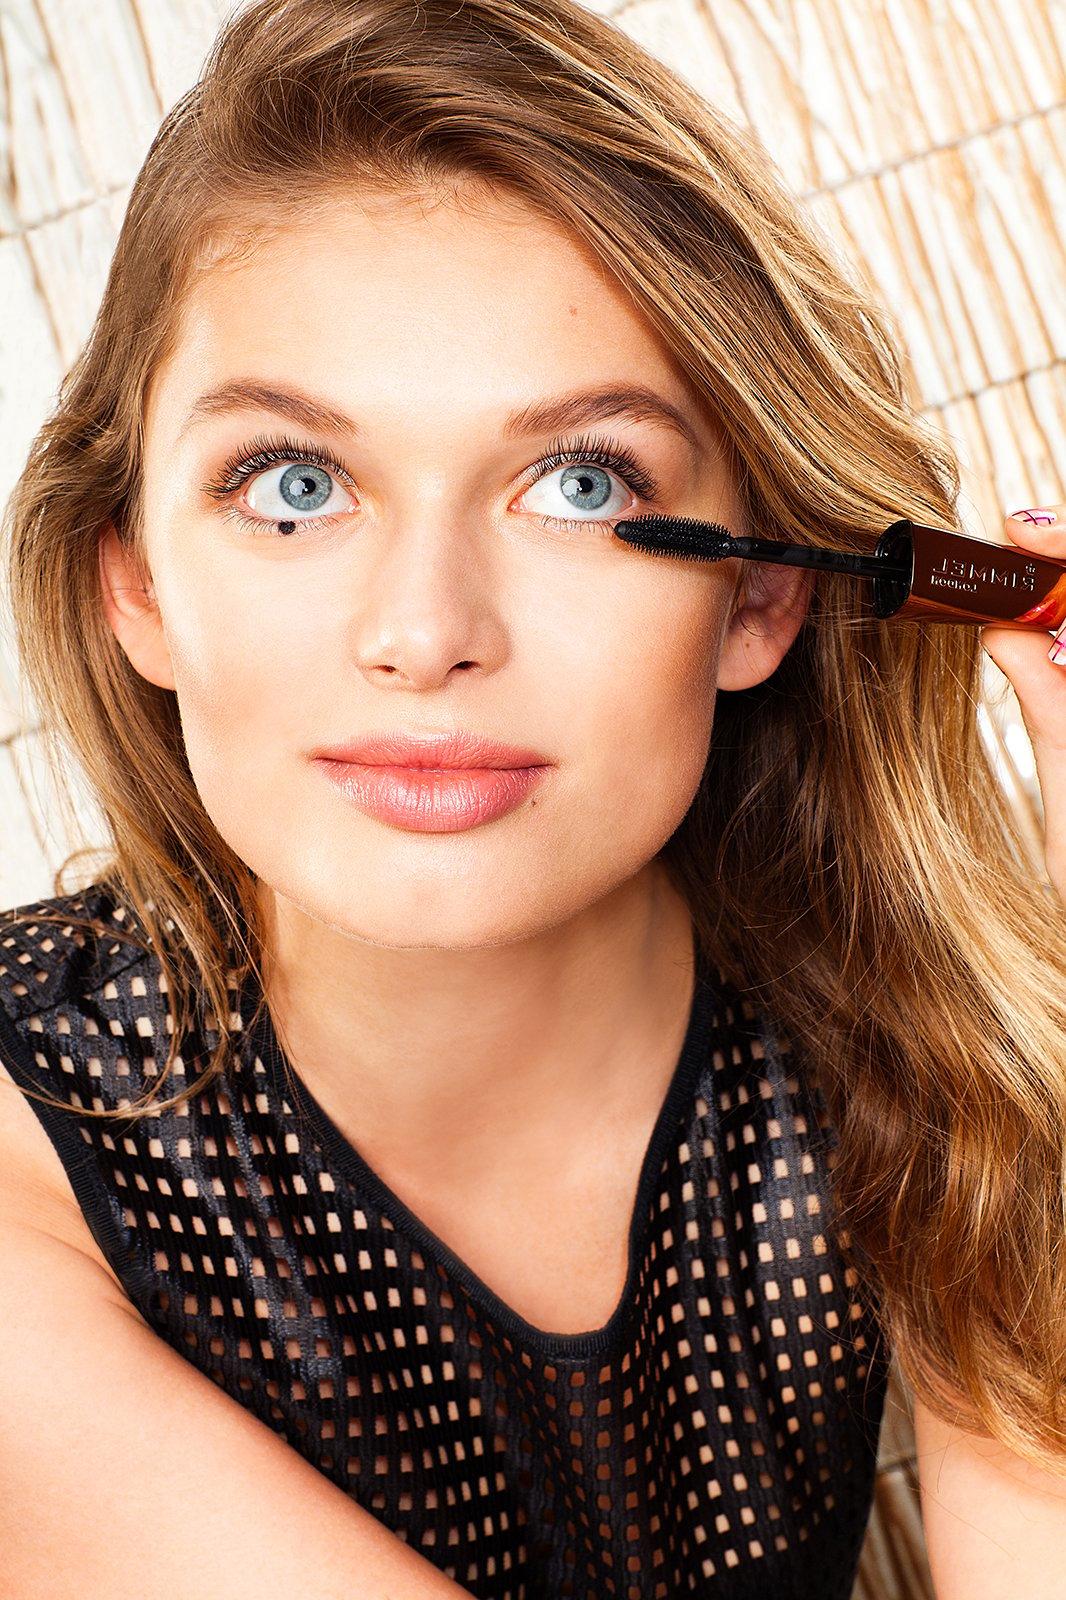 Tipp №2 fürs Sommer- Tages Make Up: Löschen Sie die wasserfesten Make Up Produkte aus der Schminkliste für den Sommer